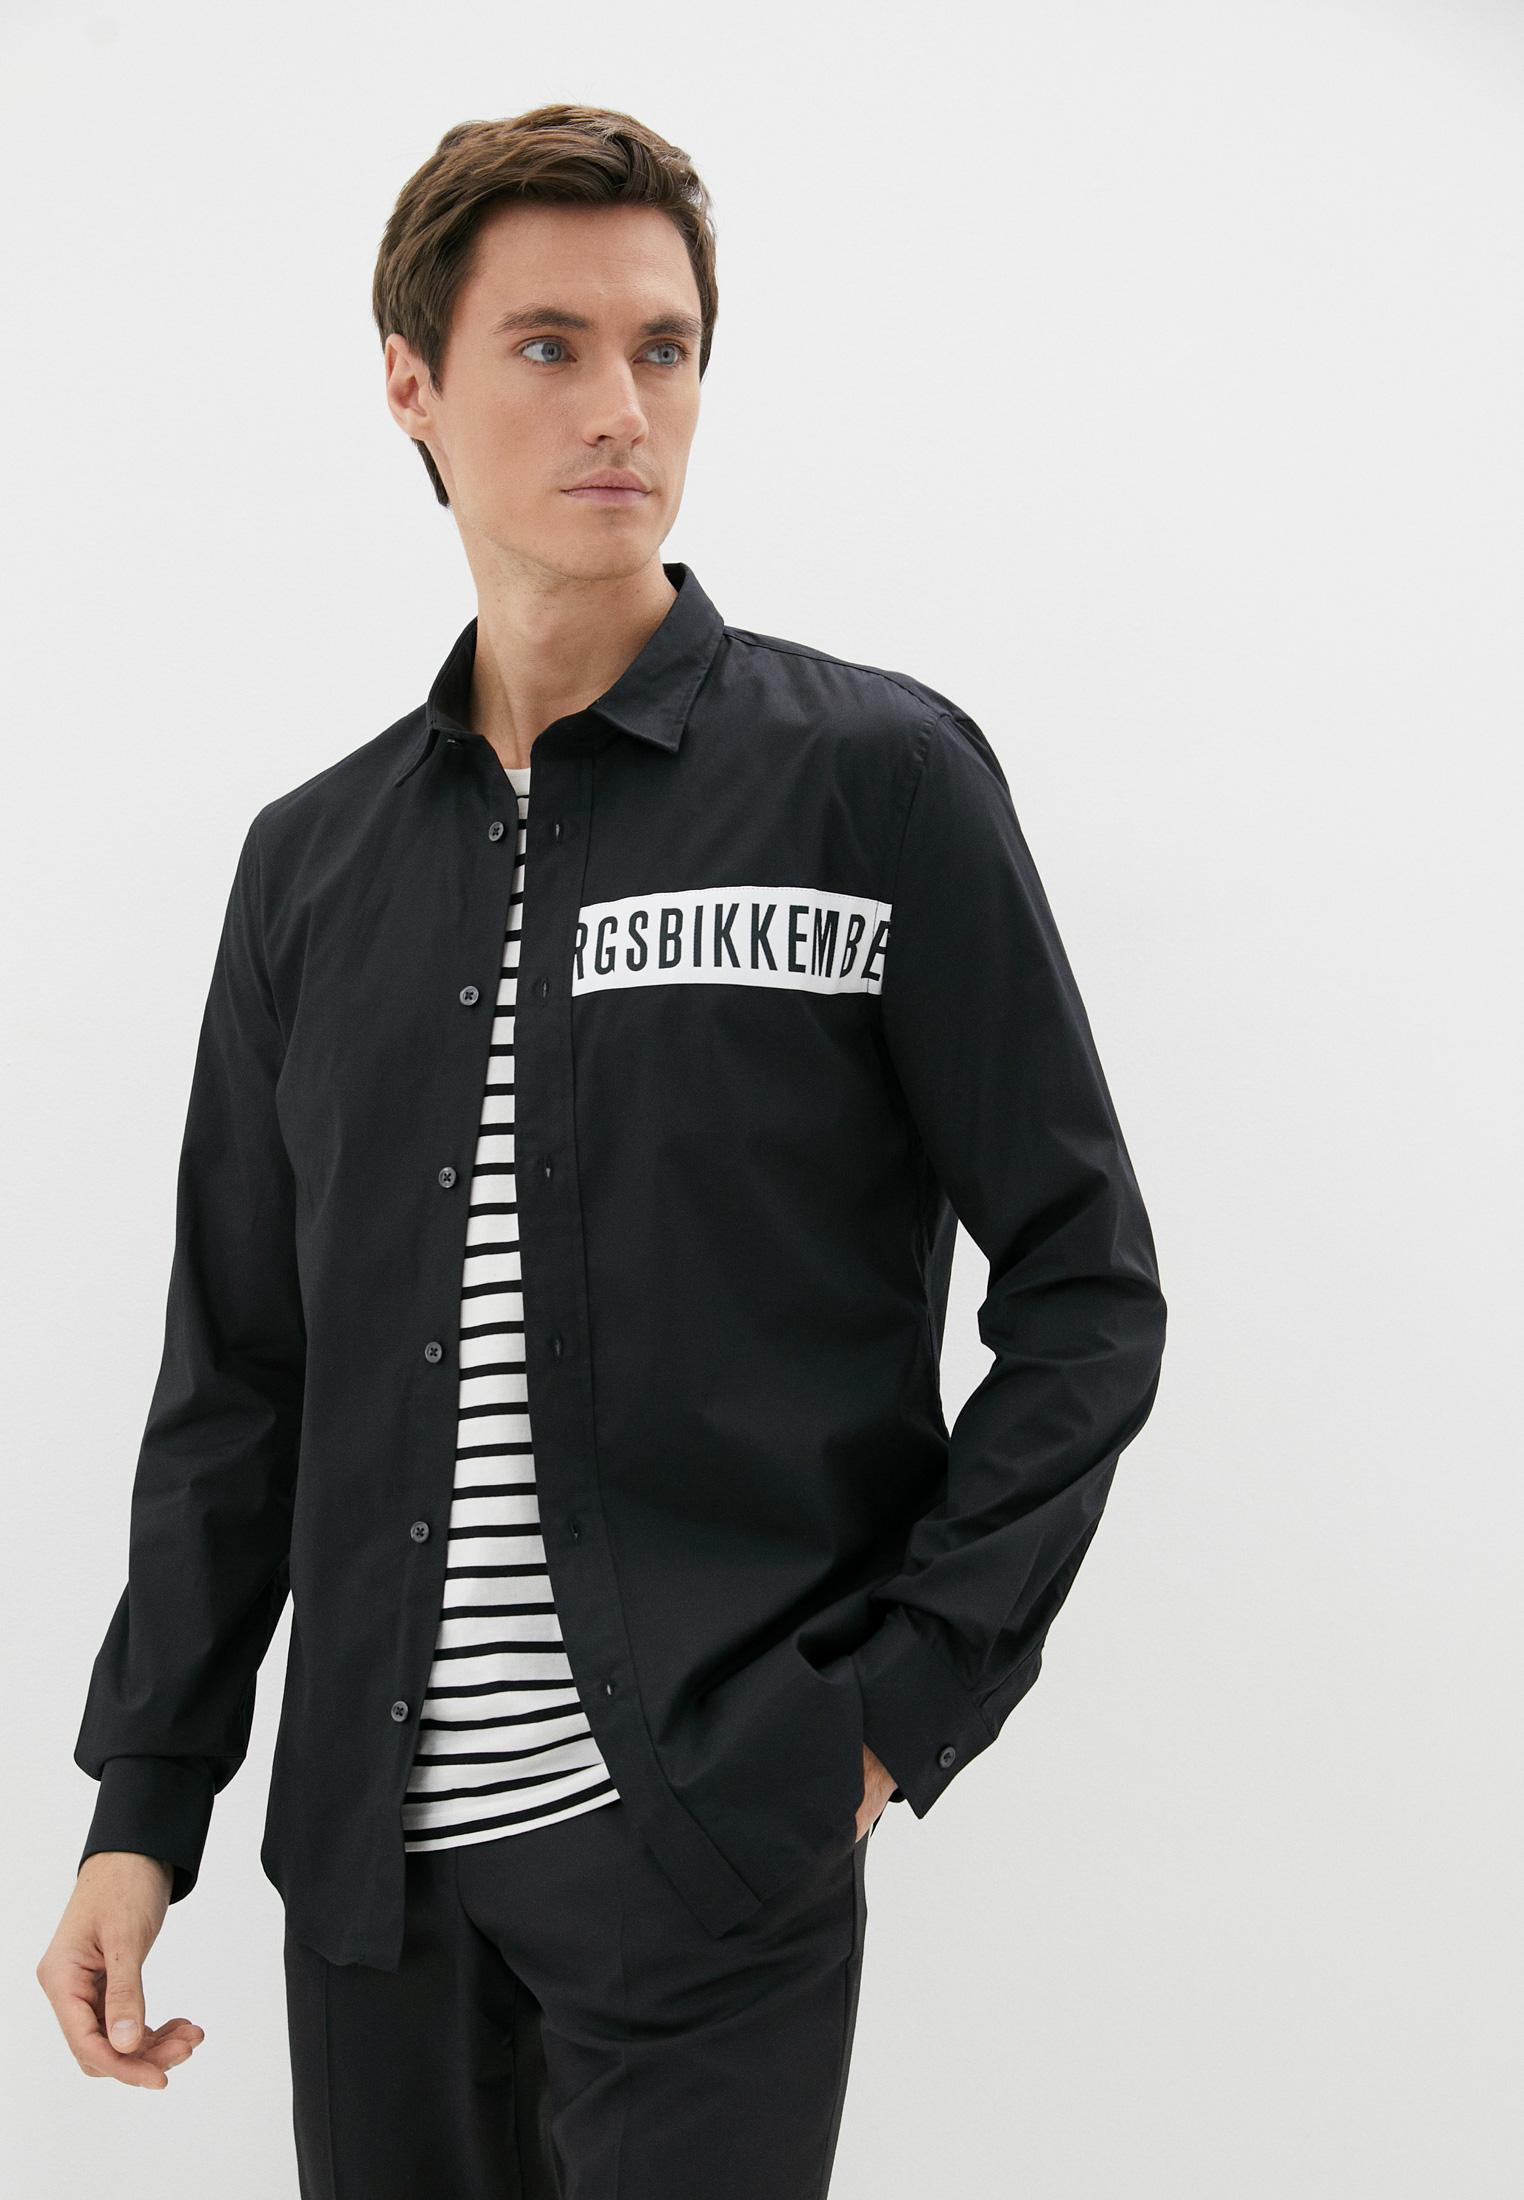 Рубашка с длинным рукавом Bikkembergs (Биккембергс) C C 055 80 S 2931